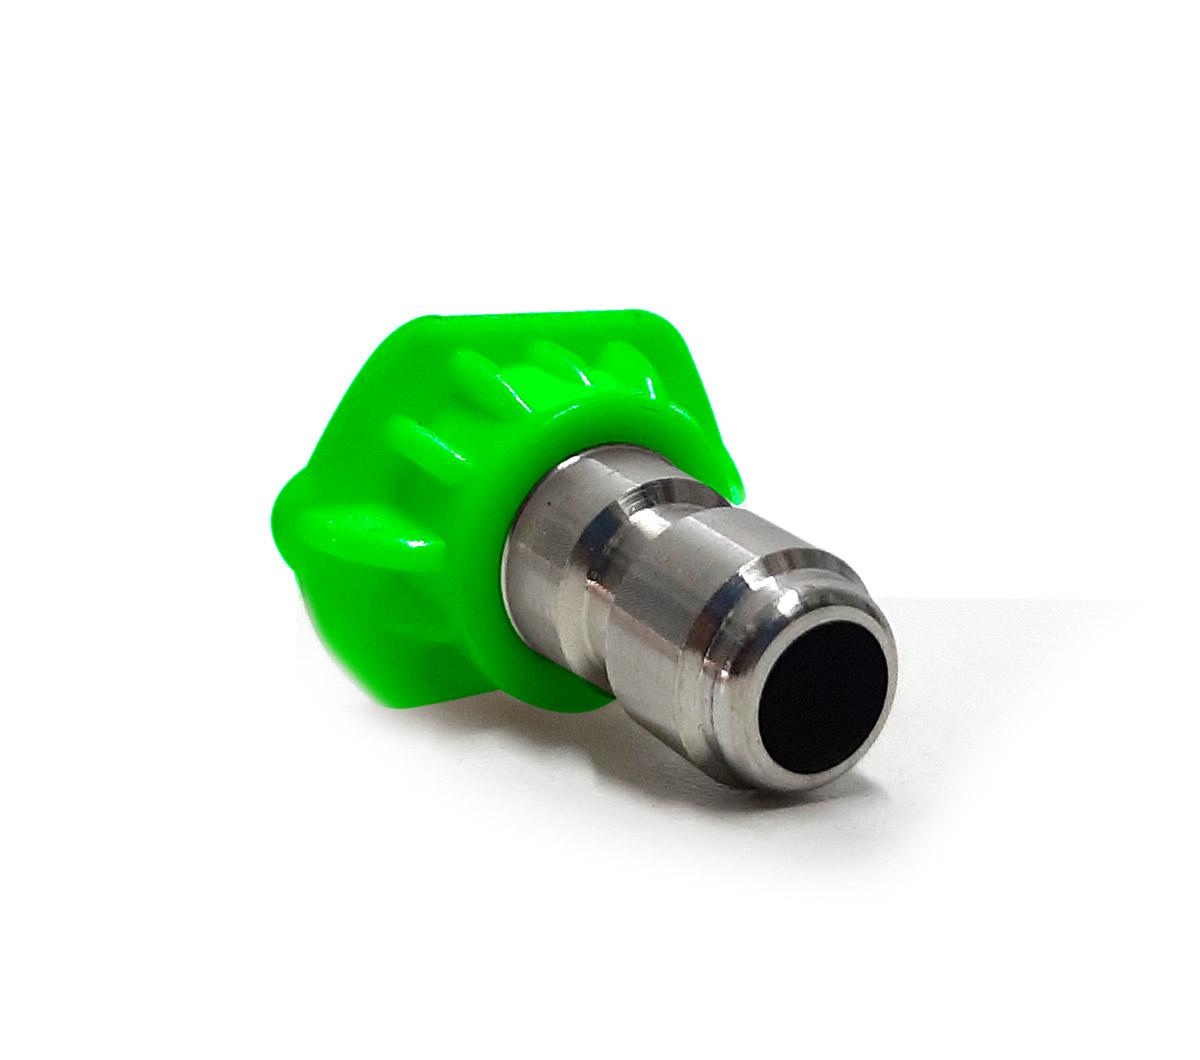 Bico Engate Rápido Verde - Jato de Água Com Leque em 25 graus Detailer